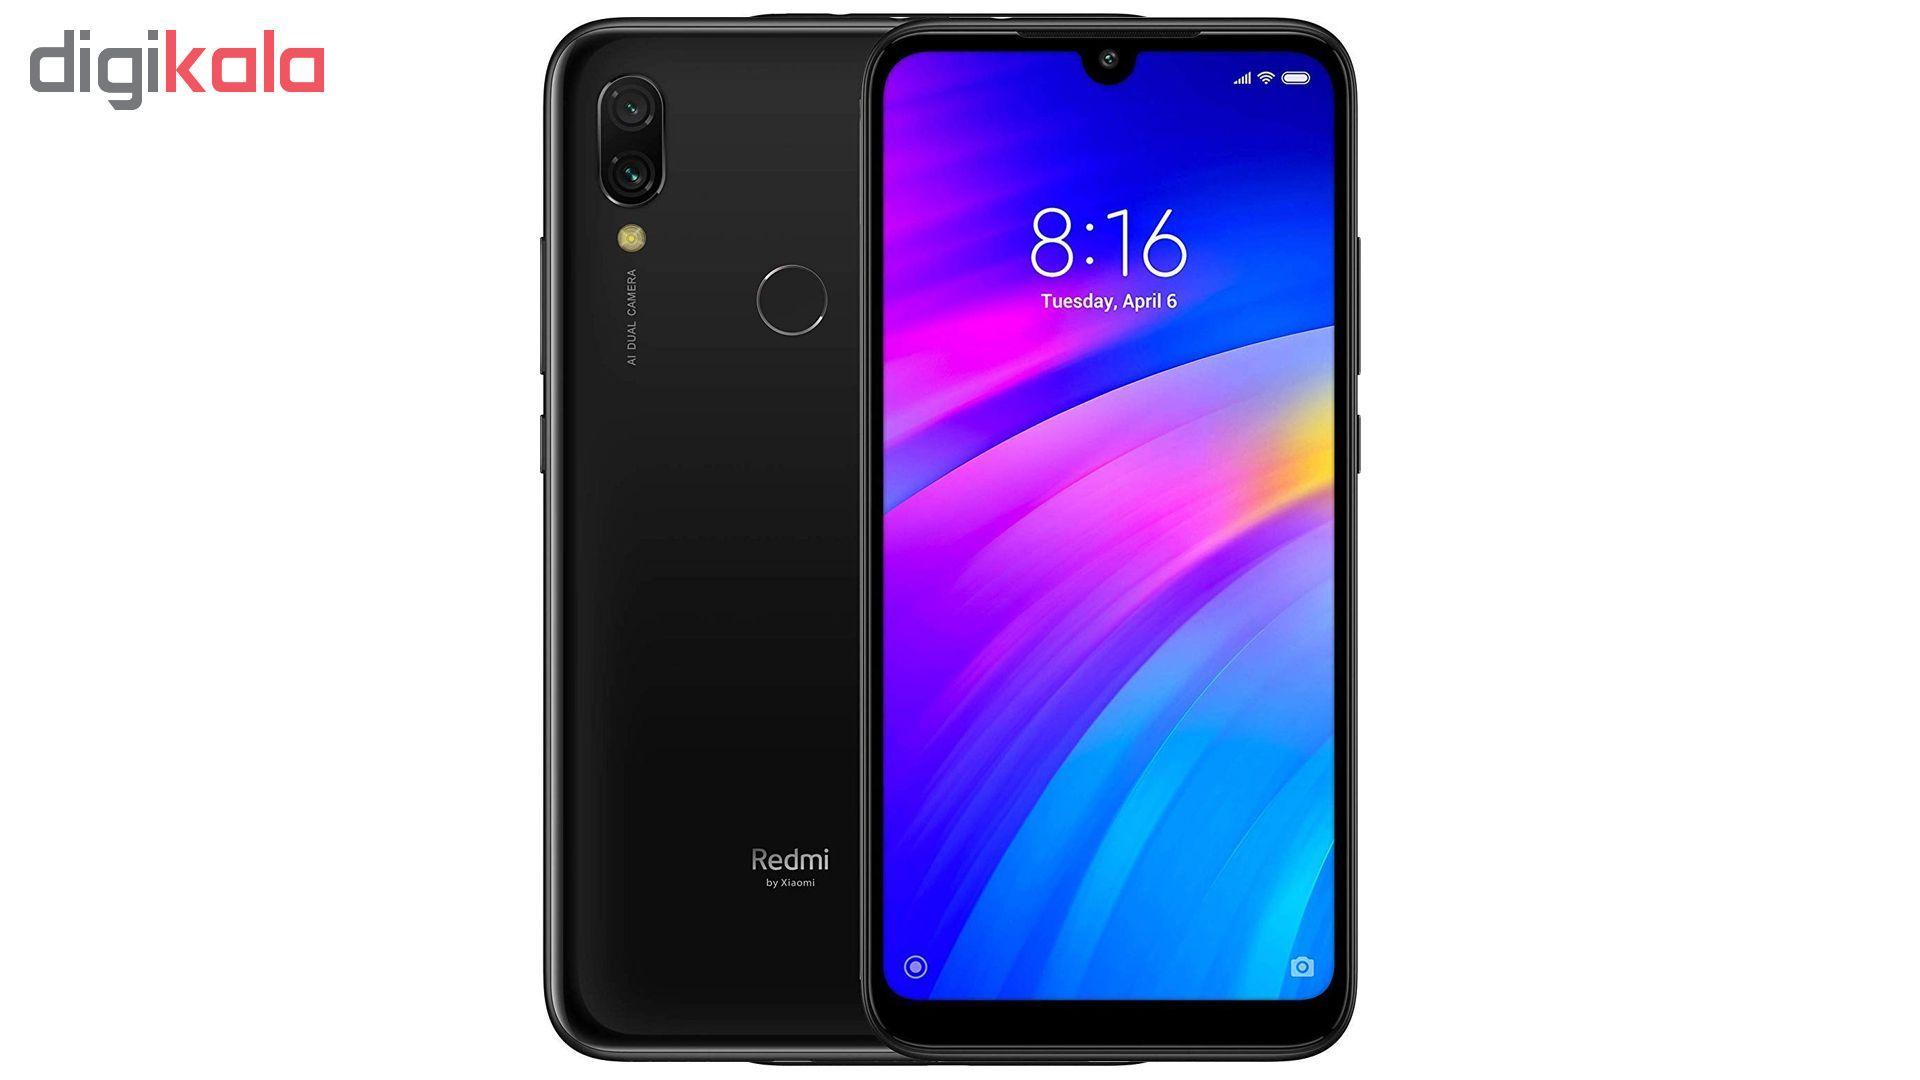 گوشی موبایل شیائومی مدل Redmi 7 M1810F6LG دو سیم کارت ظرفیت 64 گیگابایت